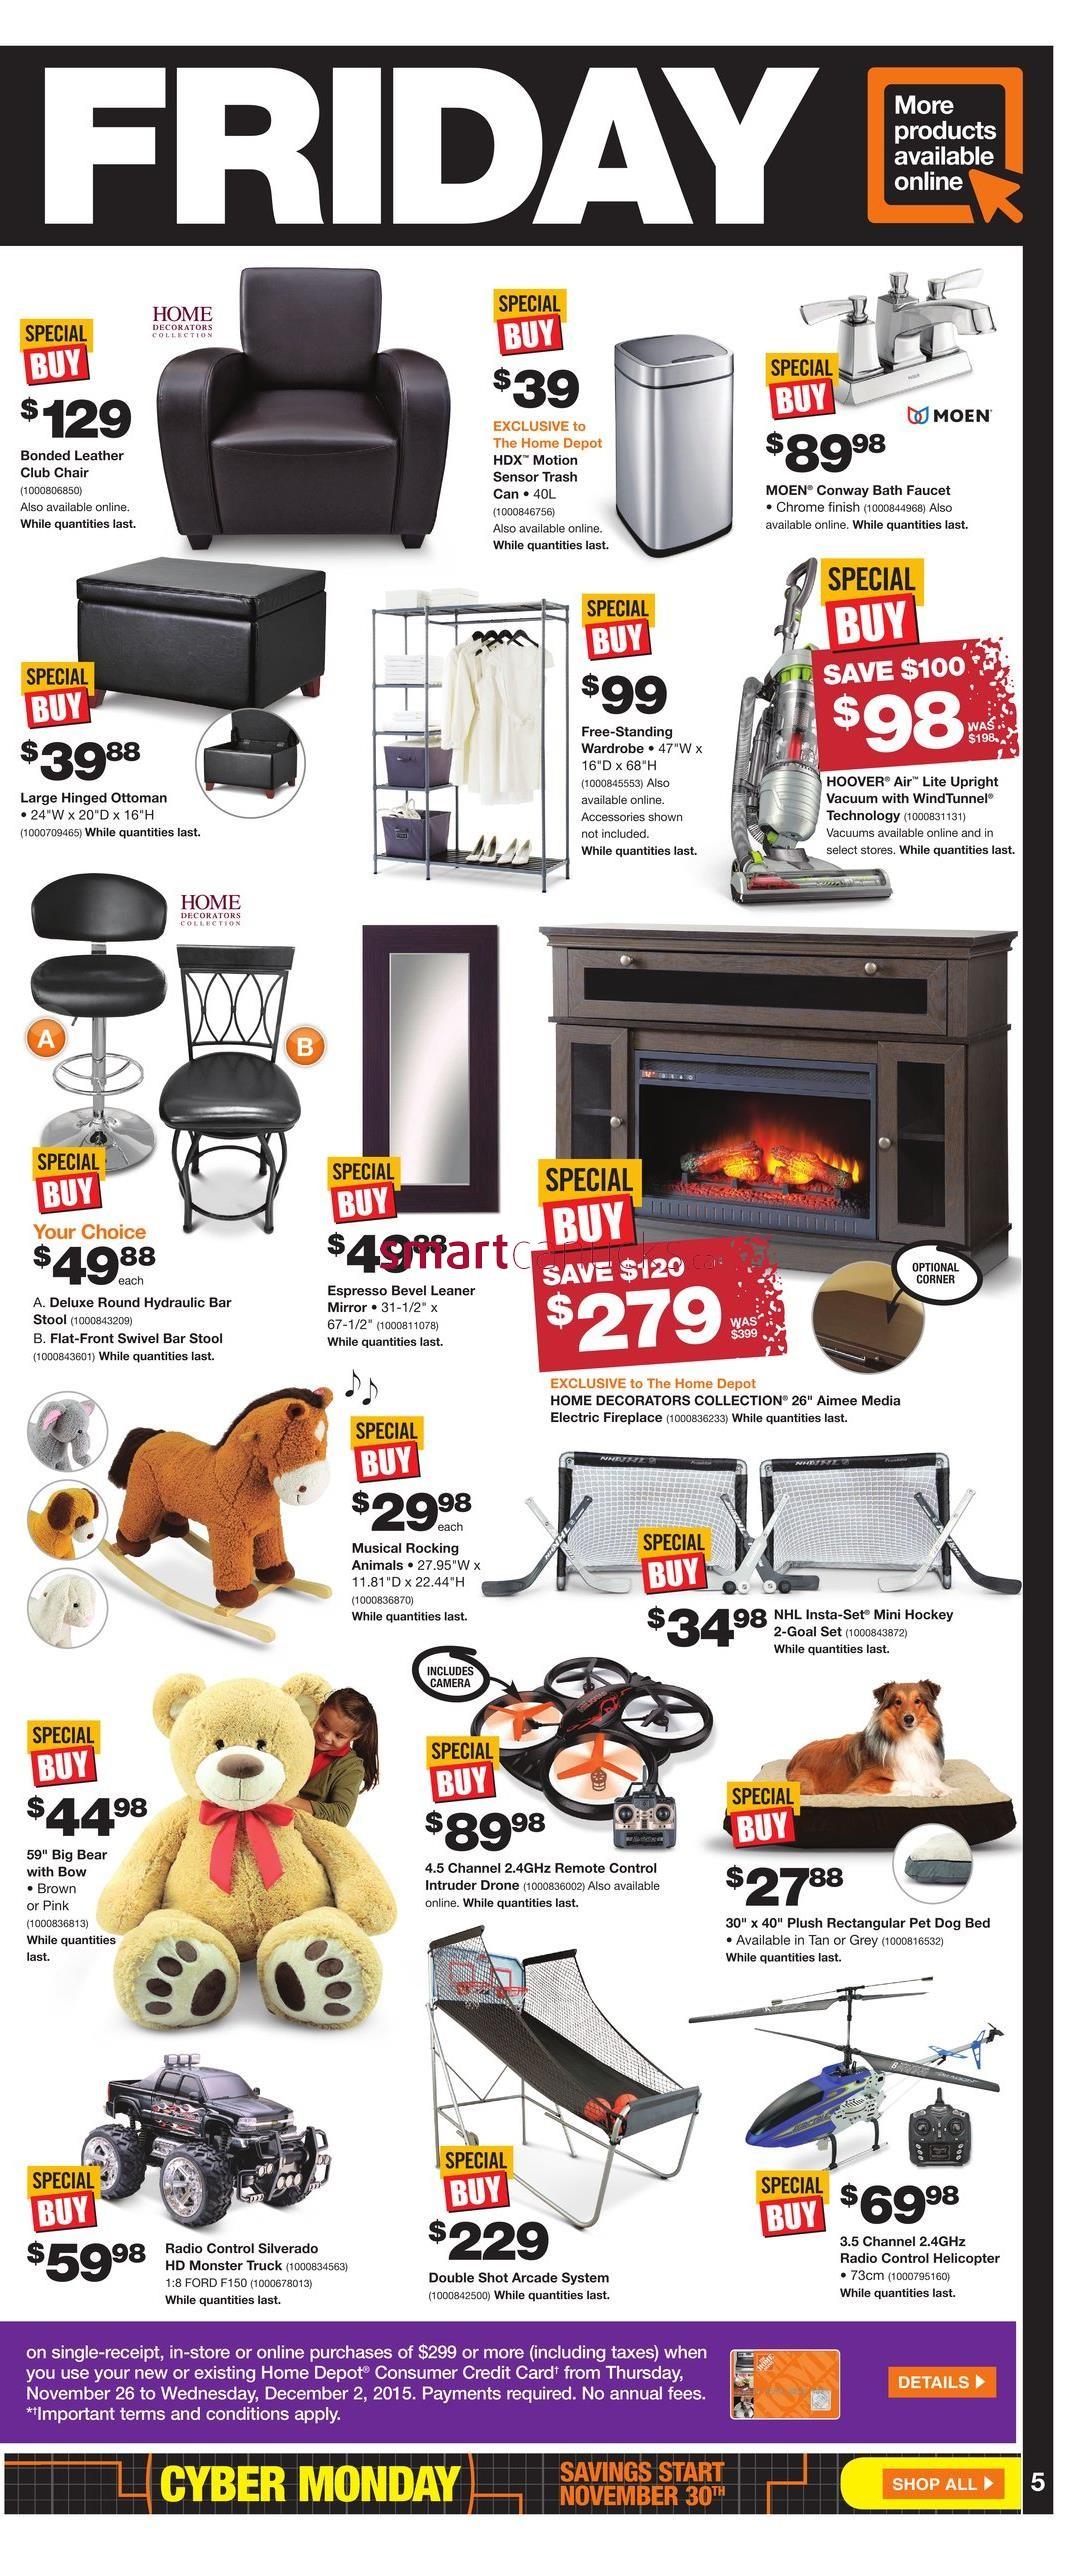 Spring Black Friday Ad at Home Depot BOGO Vegetable Packets & More